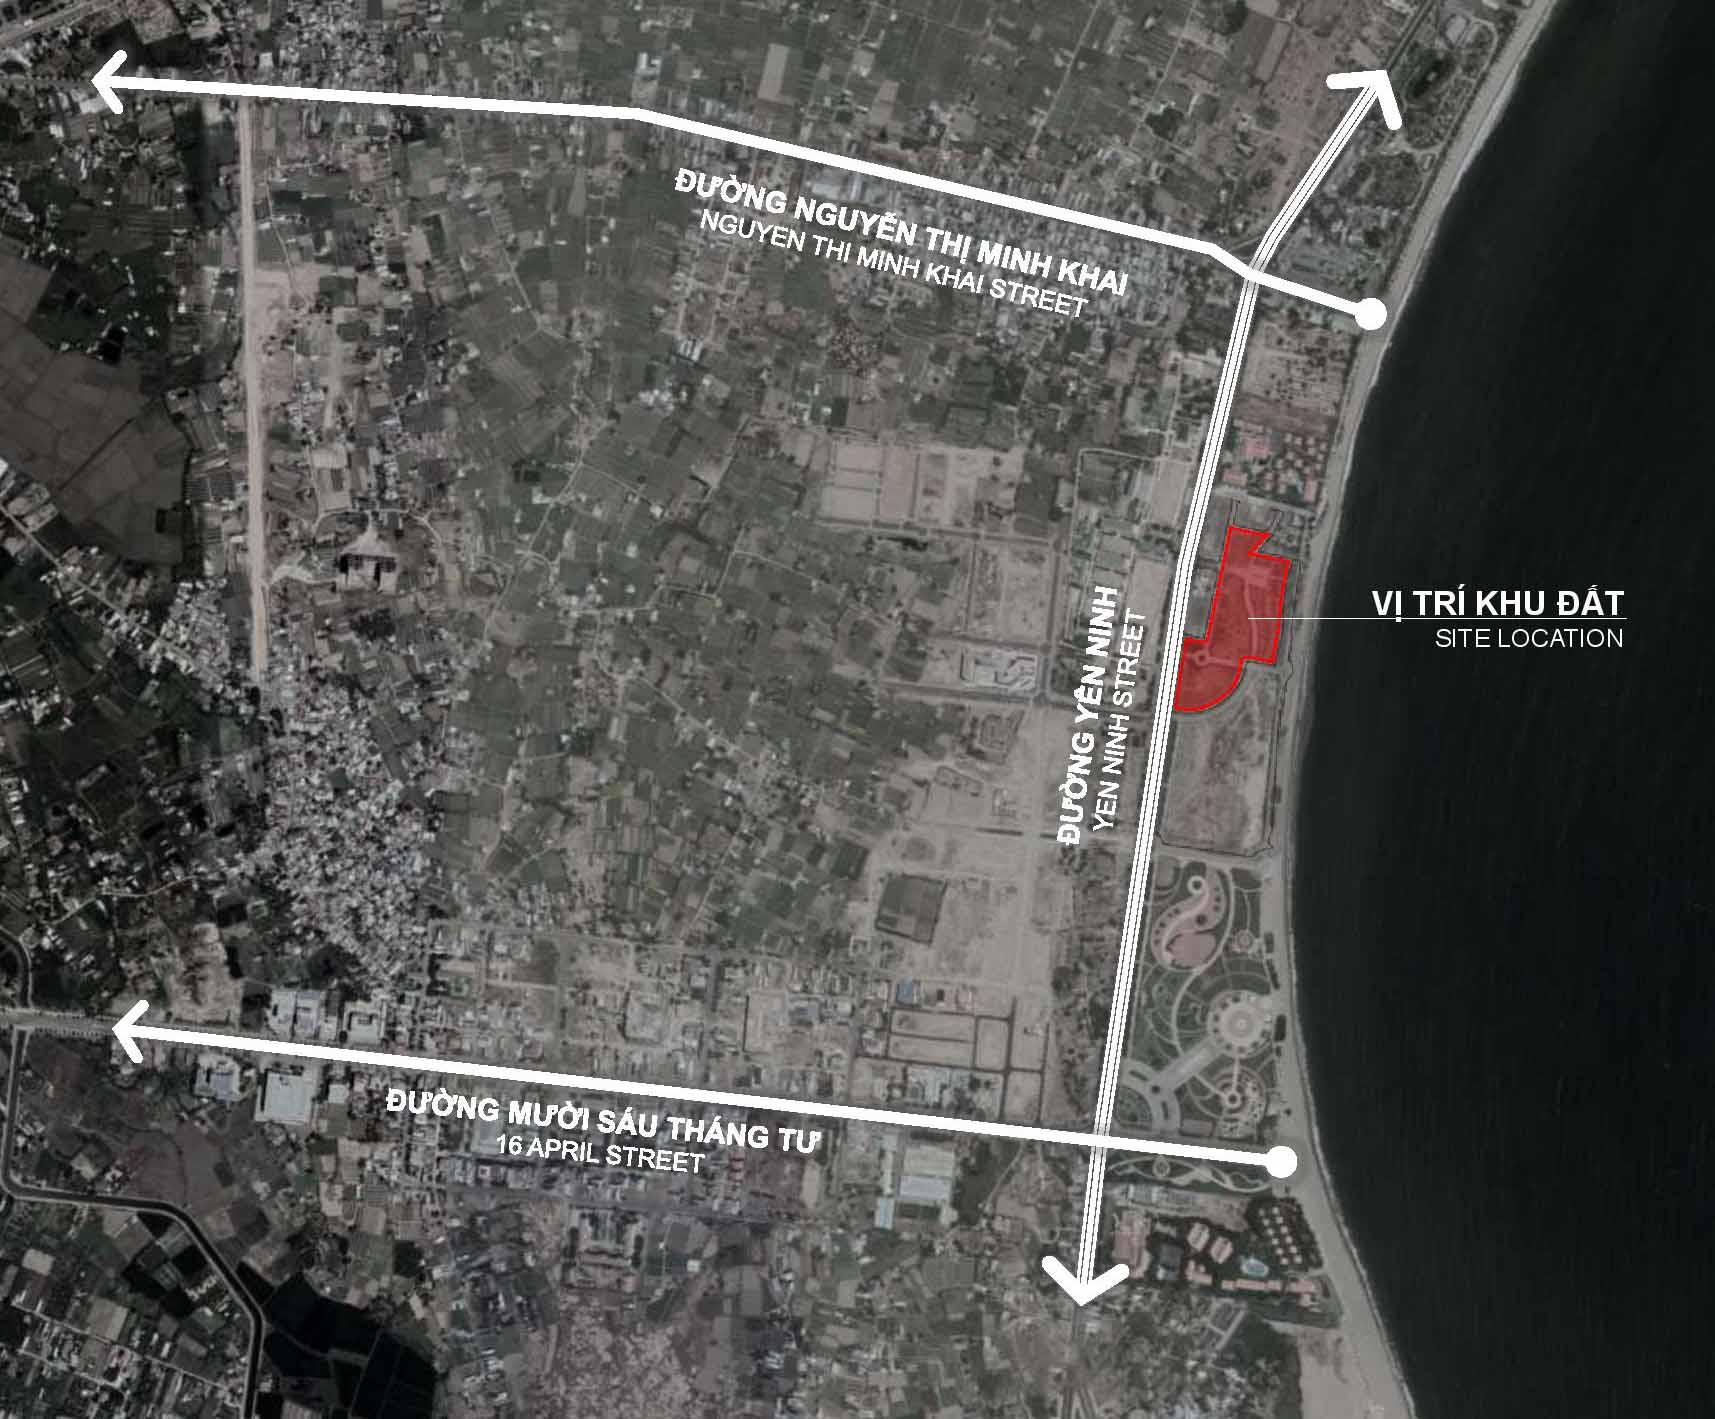 Vị trí đắc địa của dự án Sunbay Park Phan Rang Ninh Thuận